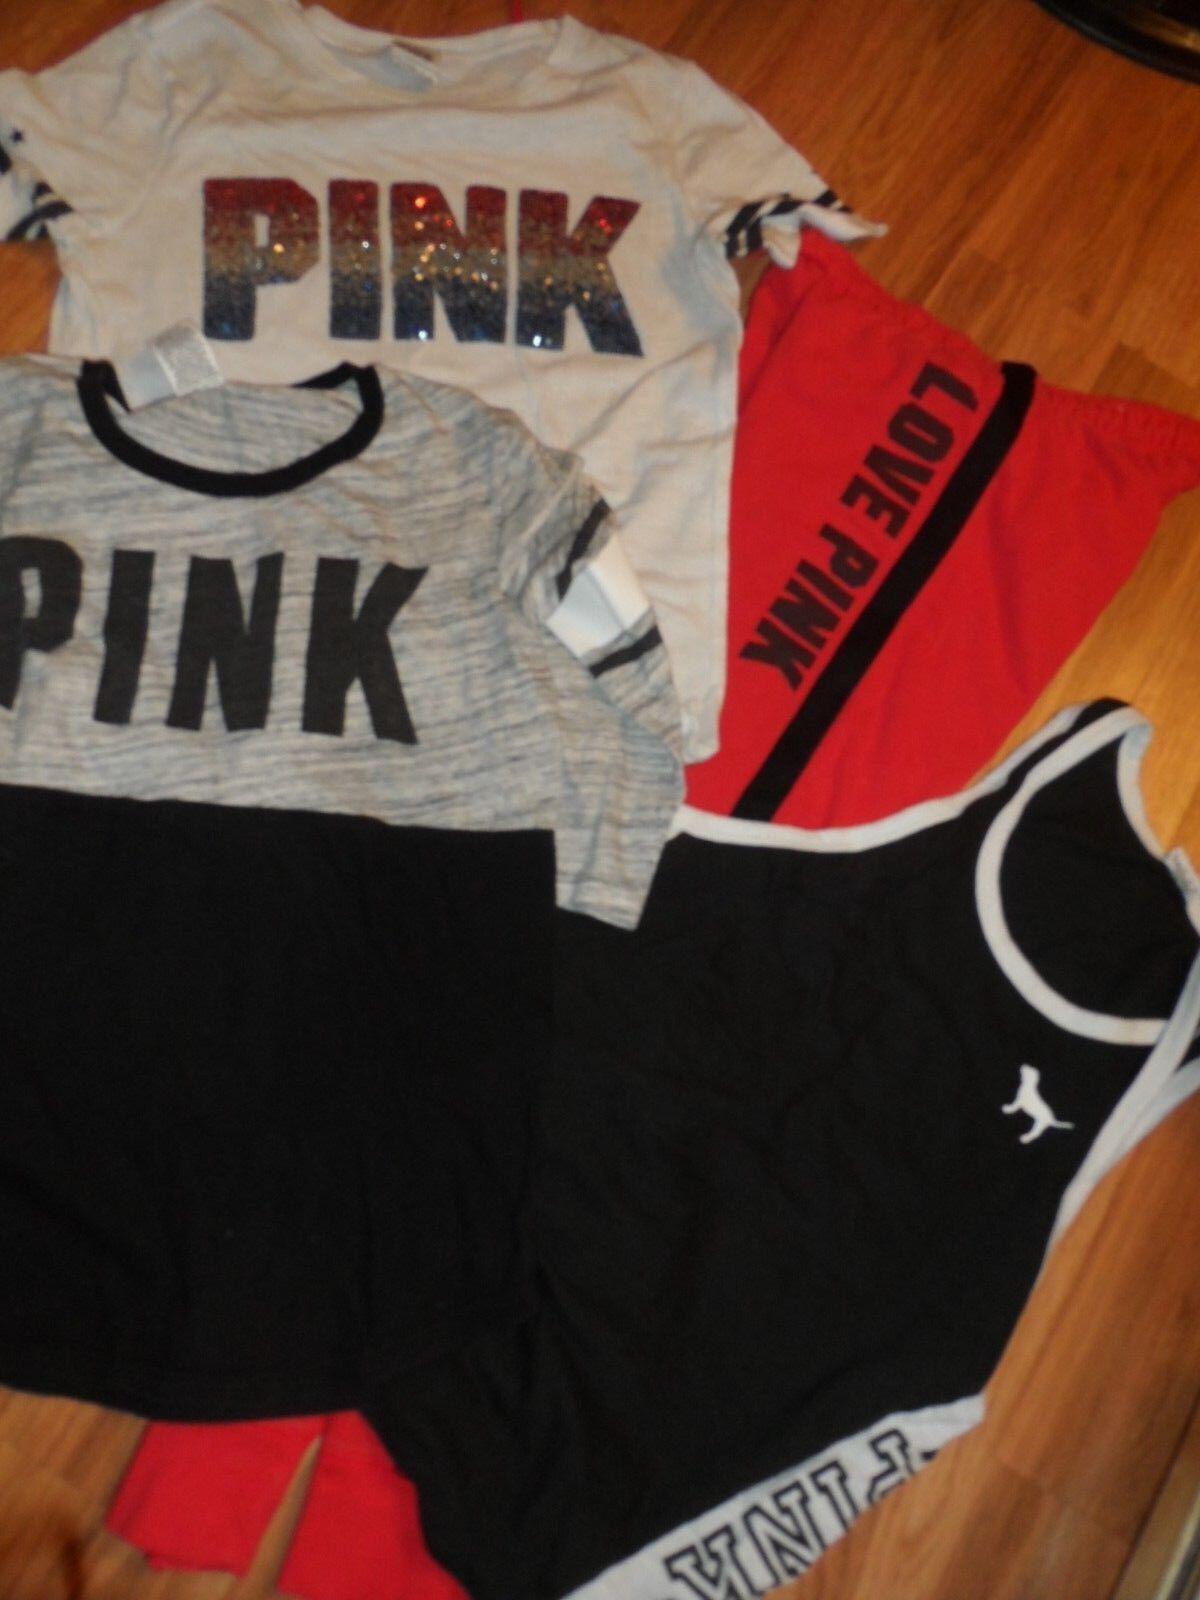 d2047d87a077d VS Victoria's secret PINK jogger sweatpant pant bling tank top shirt ...